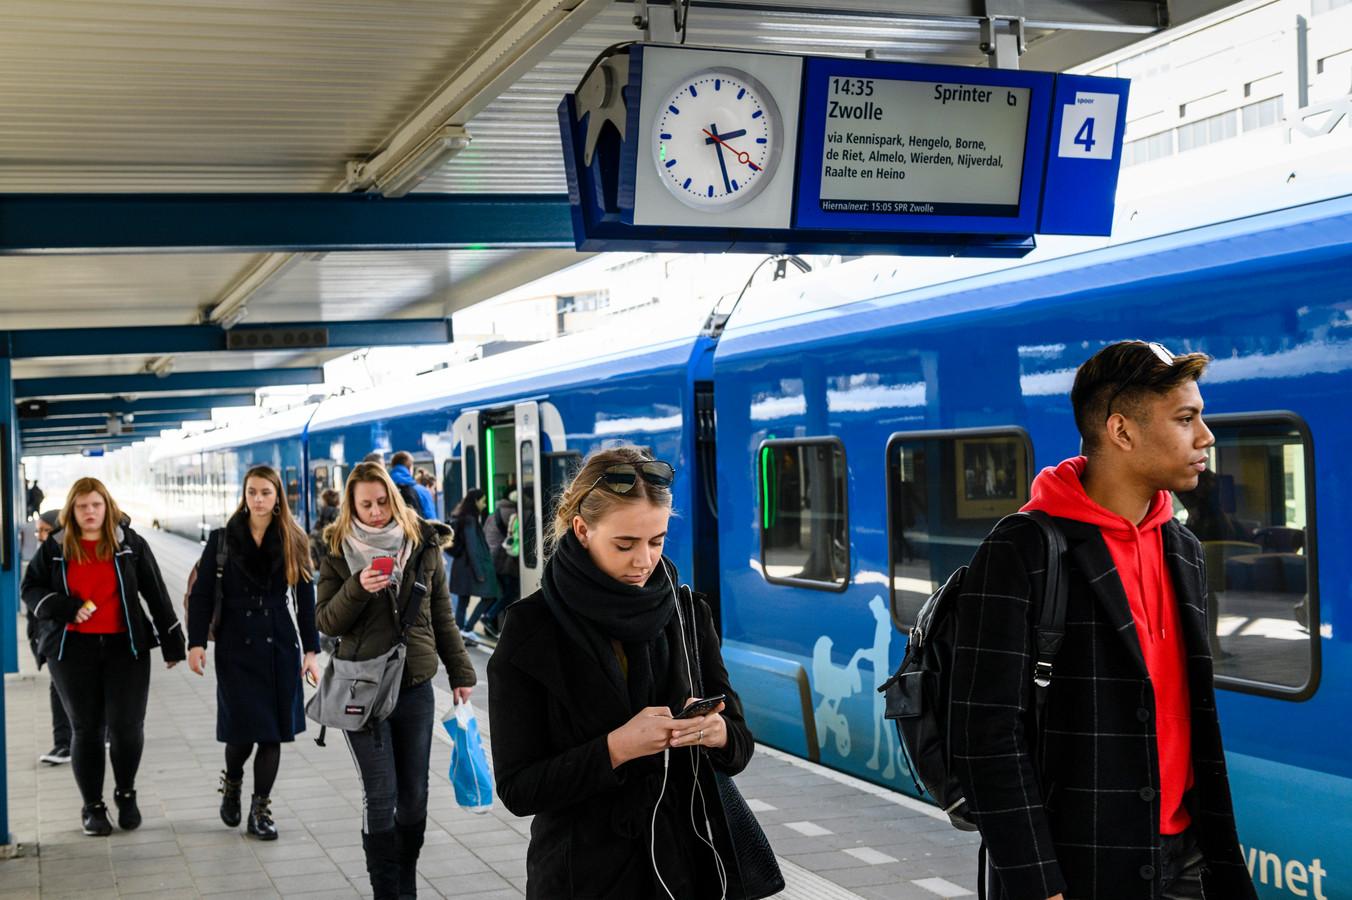 Vanochtend was er een storing op het traject Zwolle-Enschede.